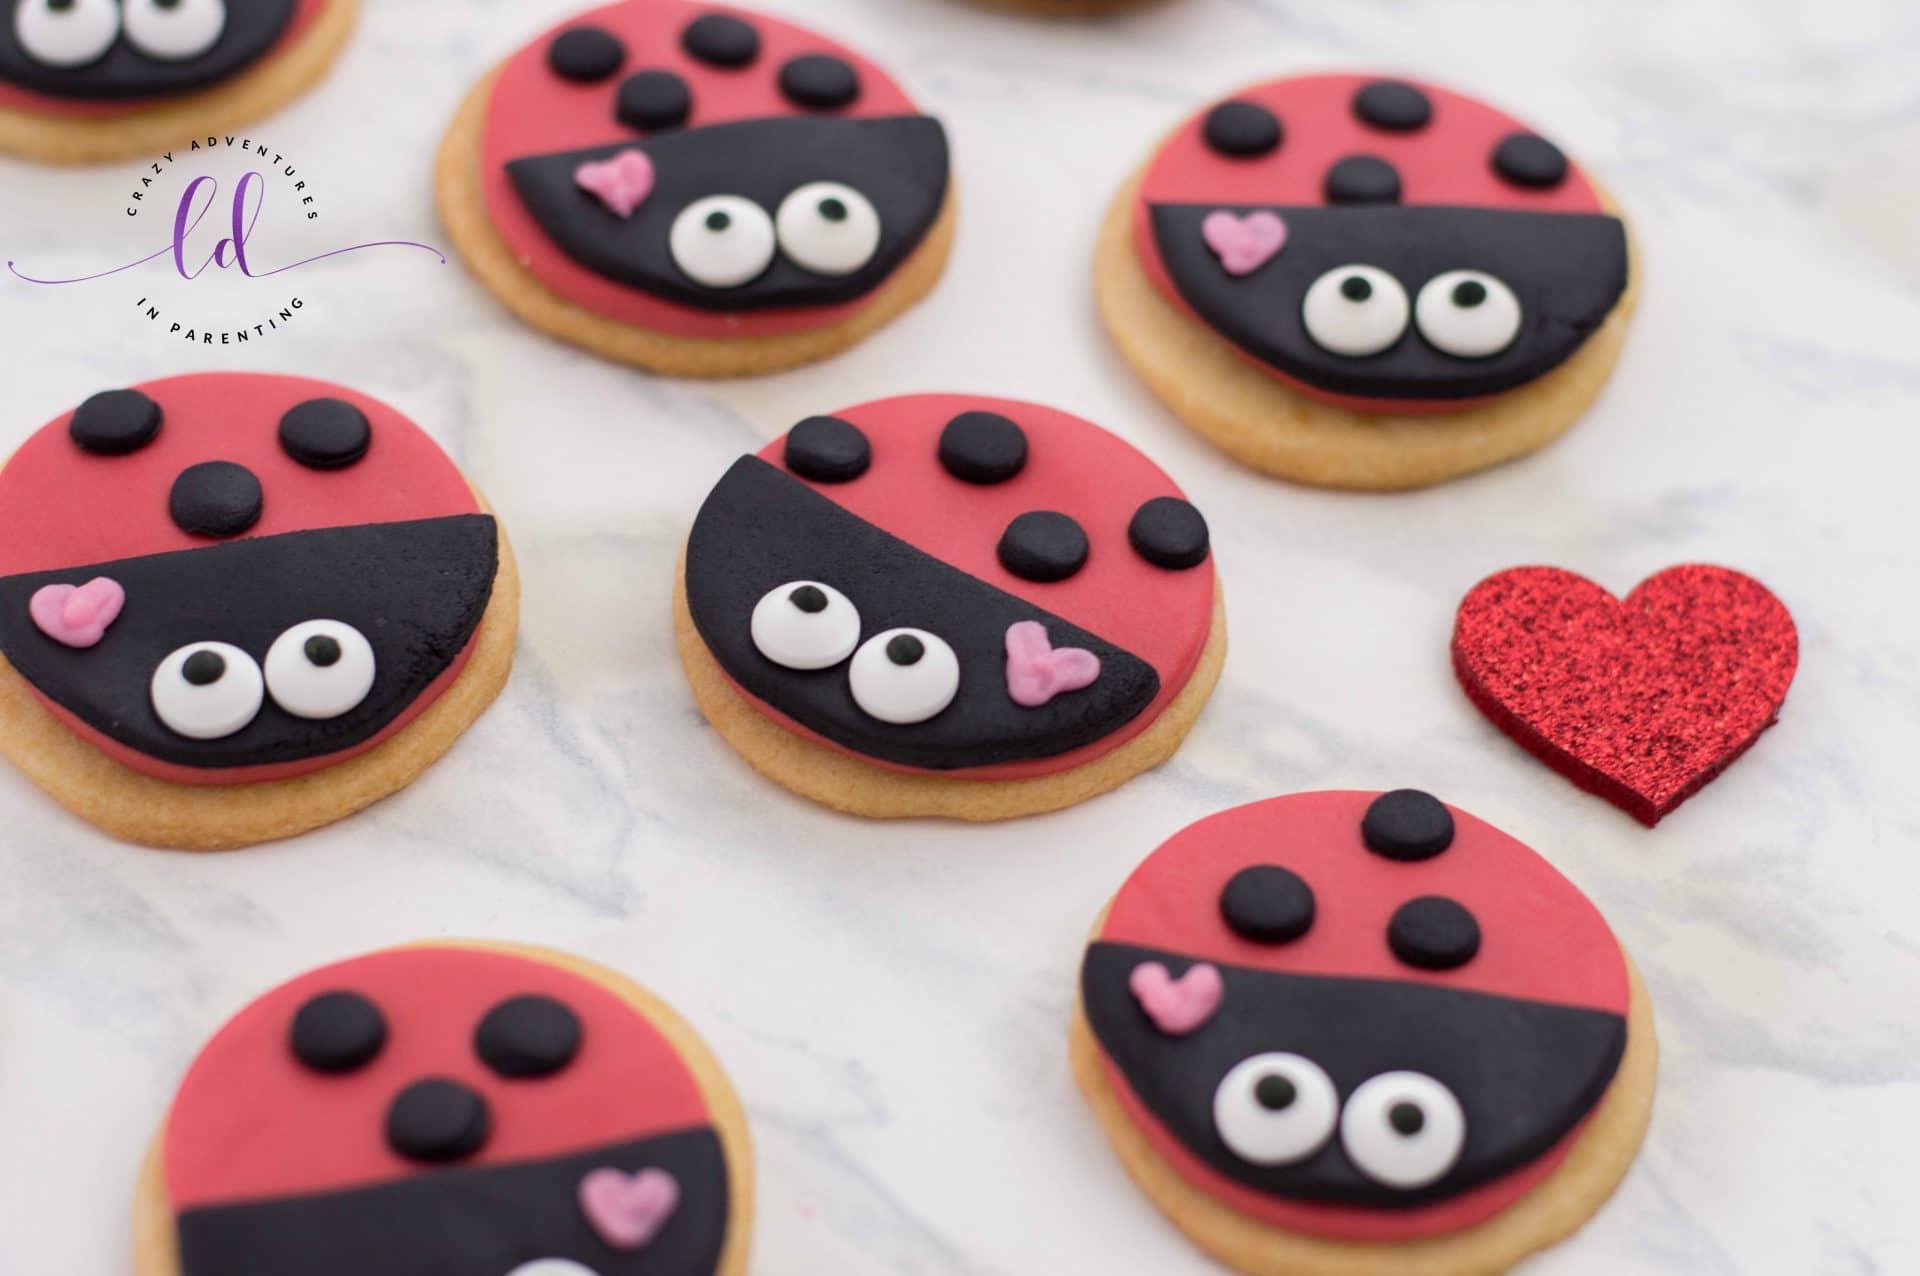 Adorable Lovebug Ladybug Cookies